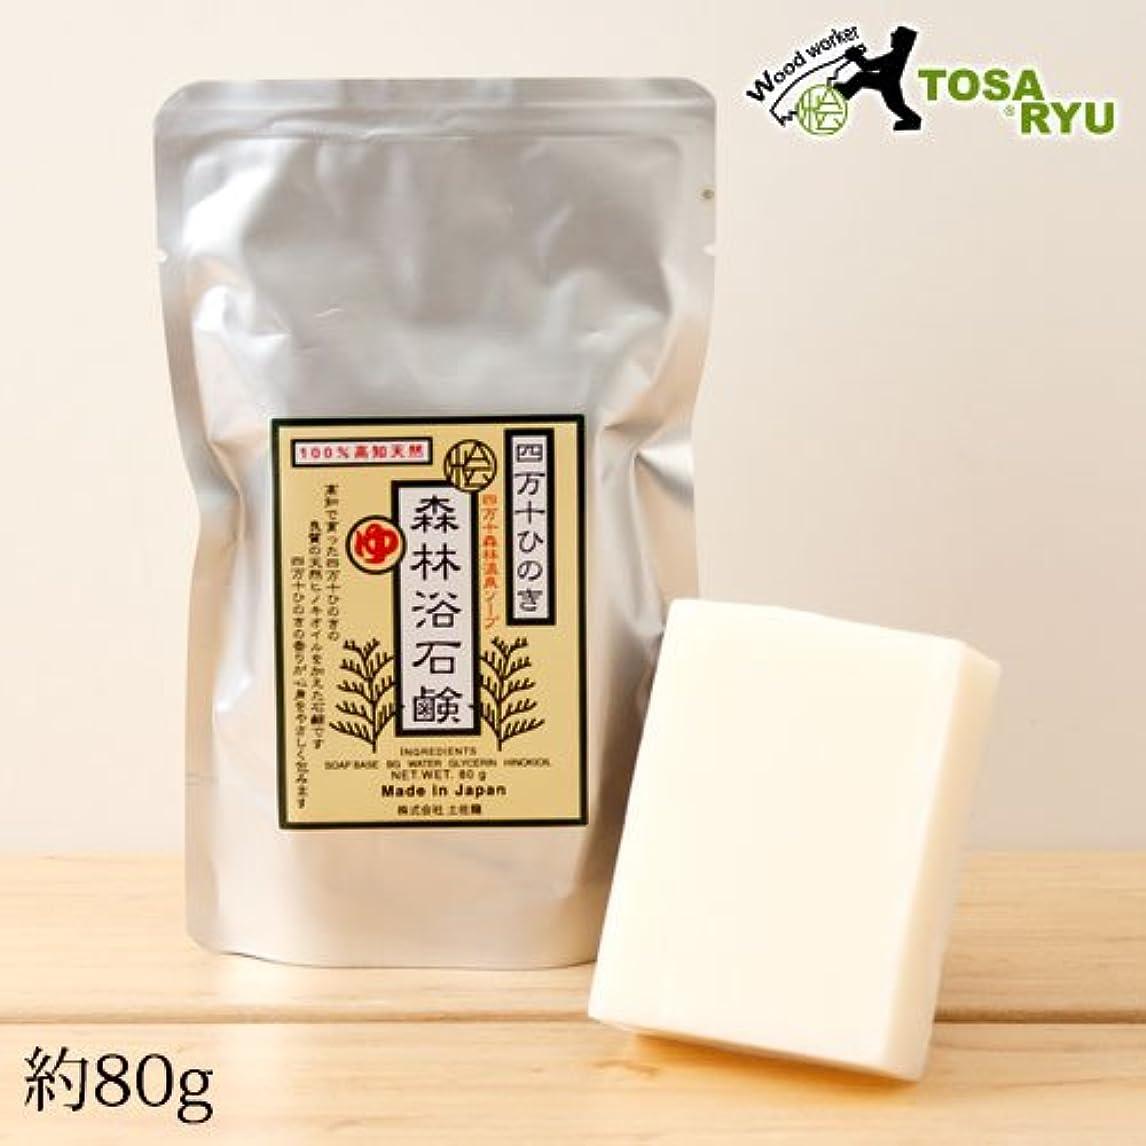 必須リンク腸土佐龍四万十森林温泉石鹸ひのきの香りのアロマソープ高知県の工芸品Aroma soap scent of cypress, Kochi craft